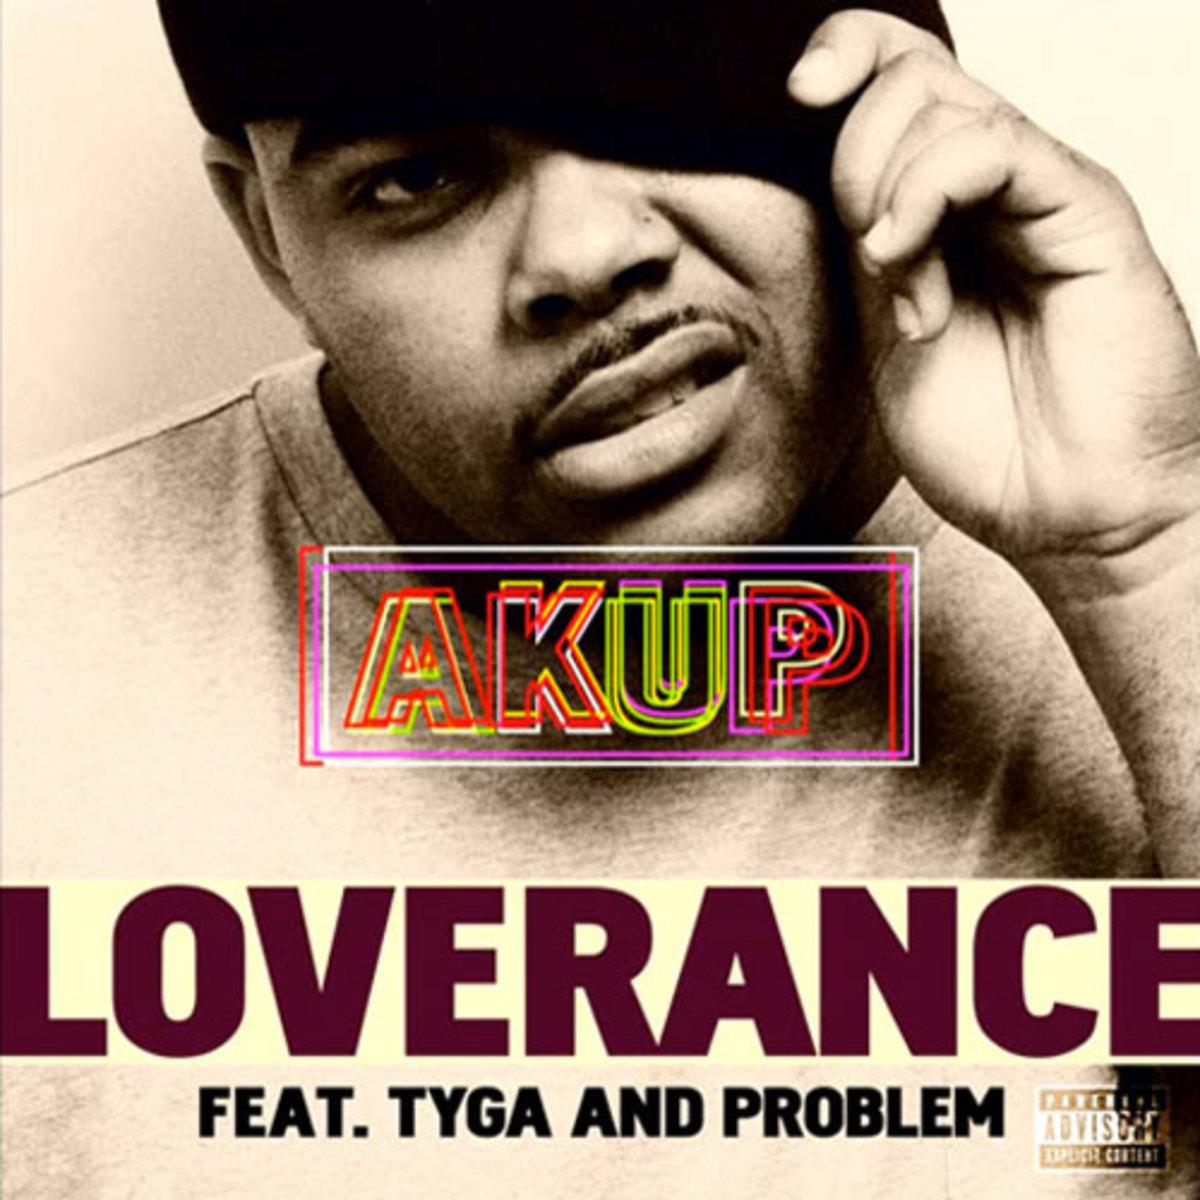 loverance-akup.jpg